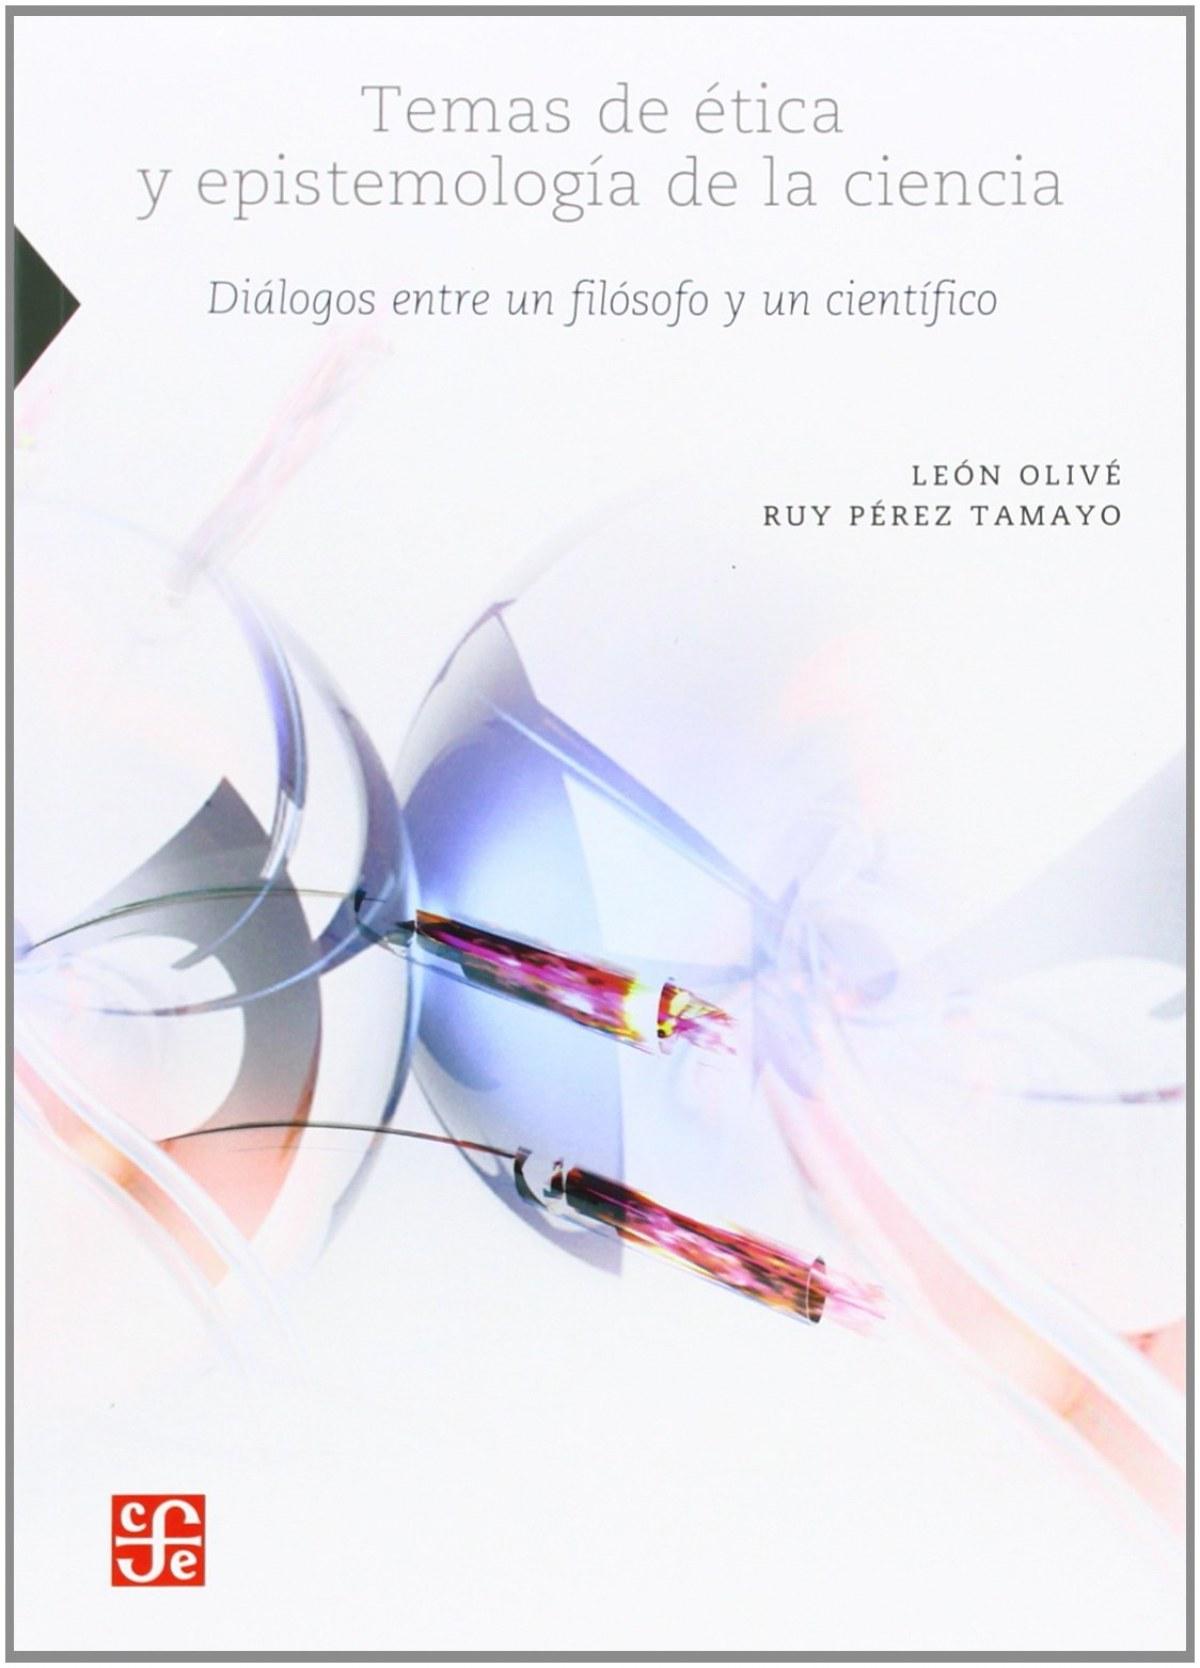 Temas de ética y epistemología de la ciencia. Diálogos entre un filósofo y un científico